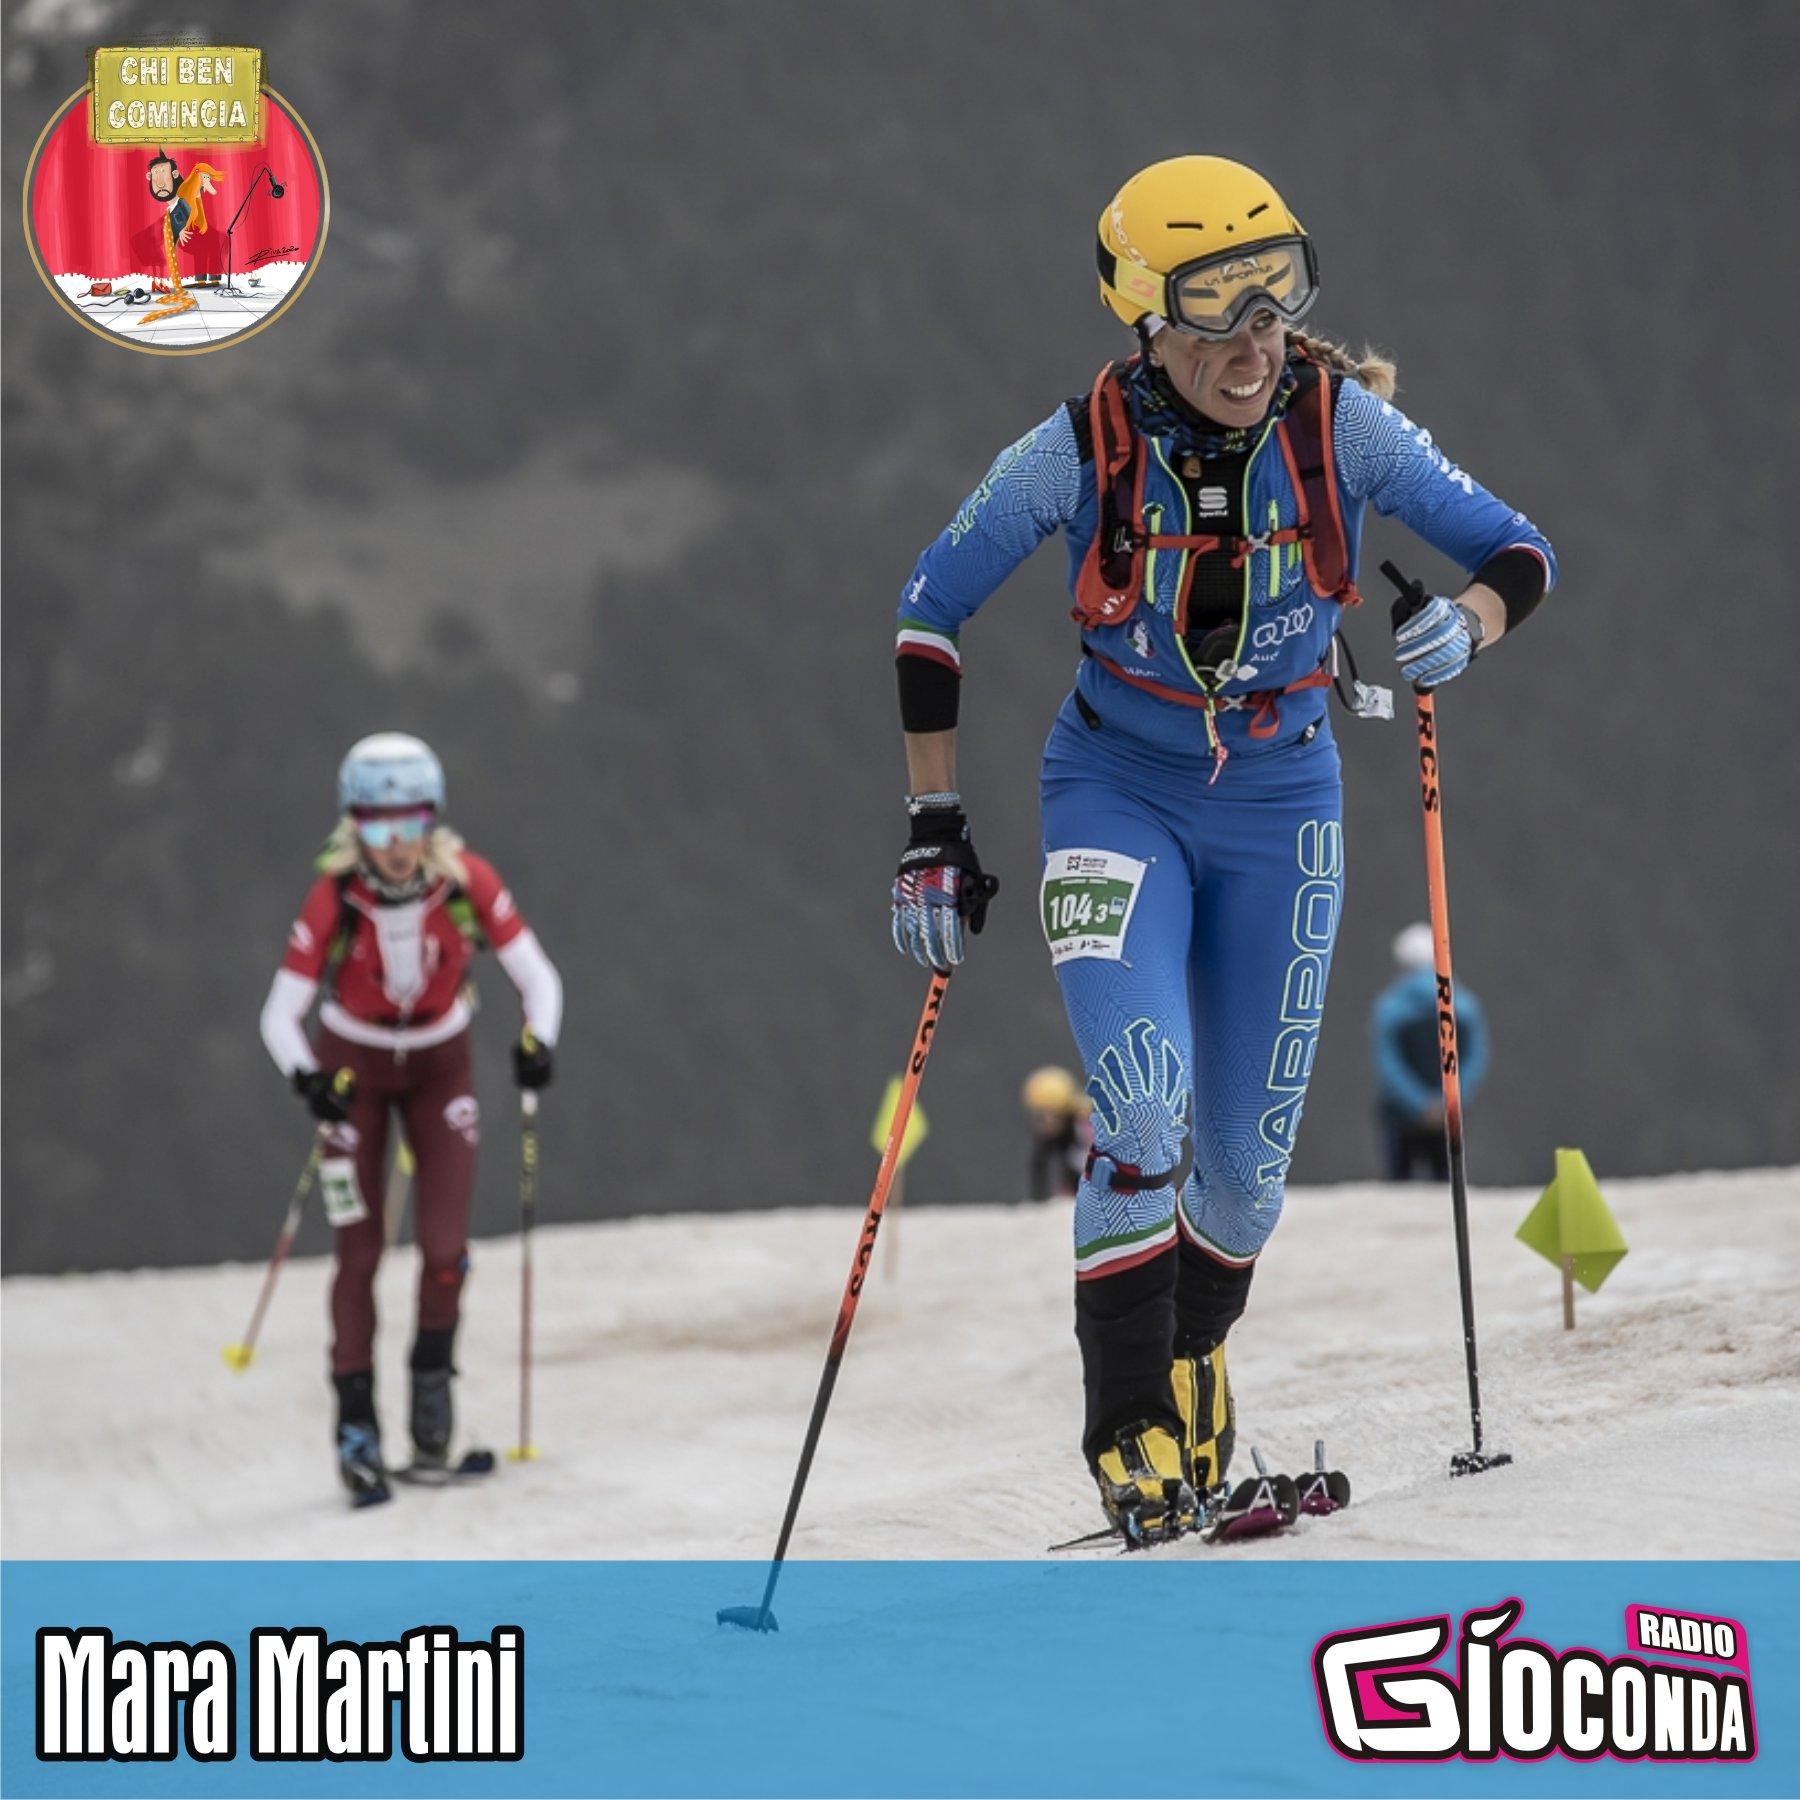 """L'ospite d'onore della nuova puntata di """"Chi ben comincia"""", in onda lunedì 22 marzo, sarà la campionessa del Mondo di Ski Alp Mara Martini"""